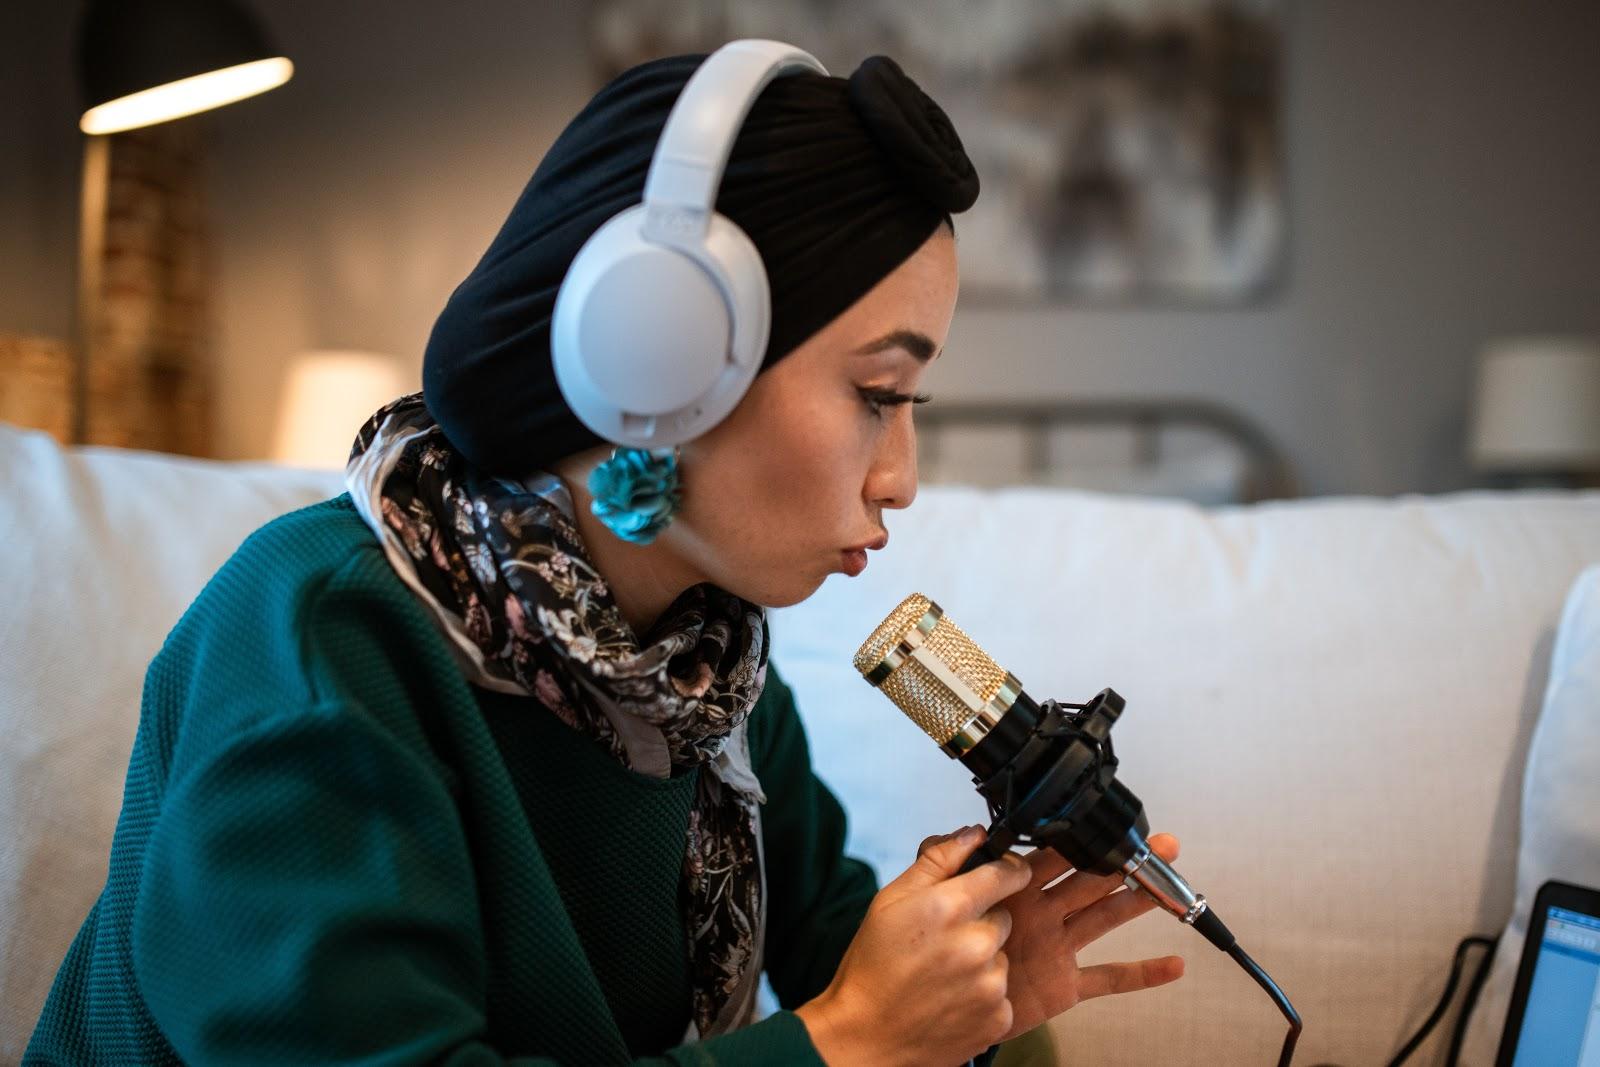 Aumente la audiencia de su podcast con estos 5 sencillos pasos Colabora con otros podcasters